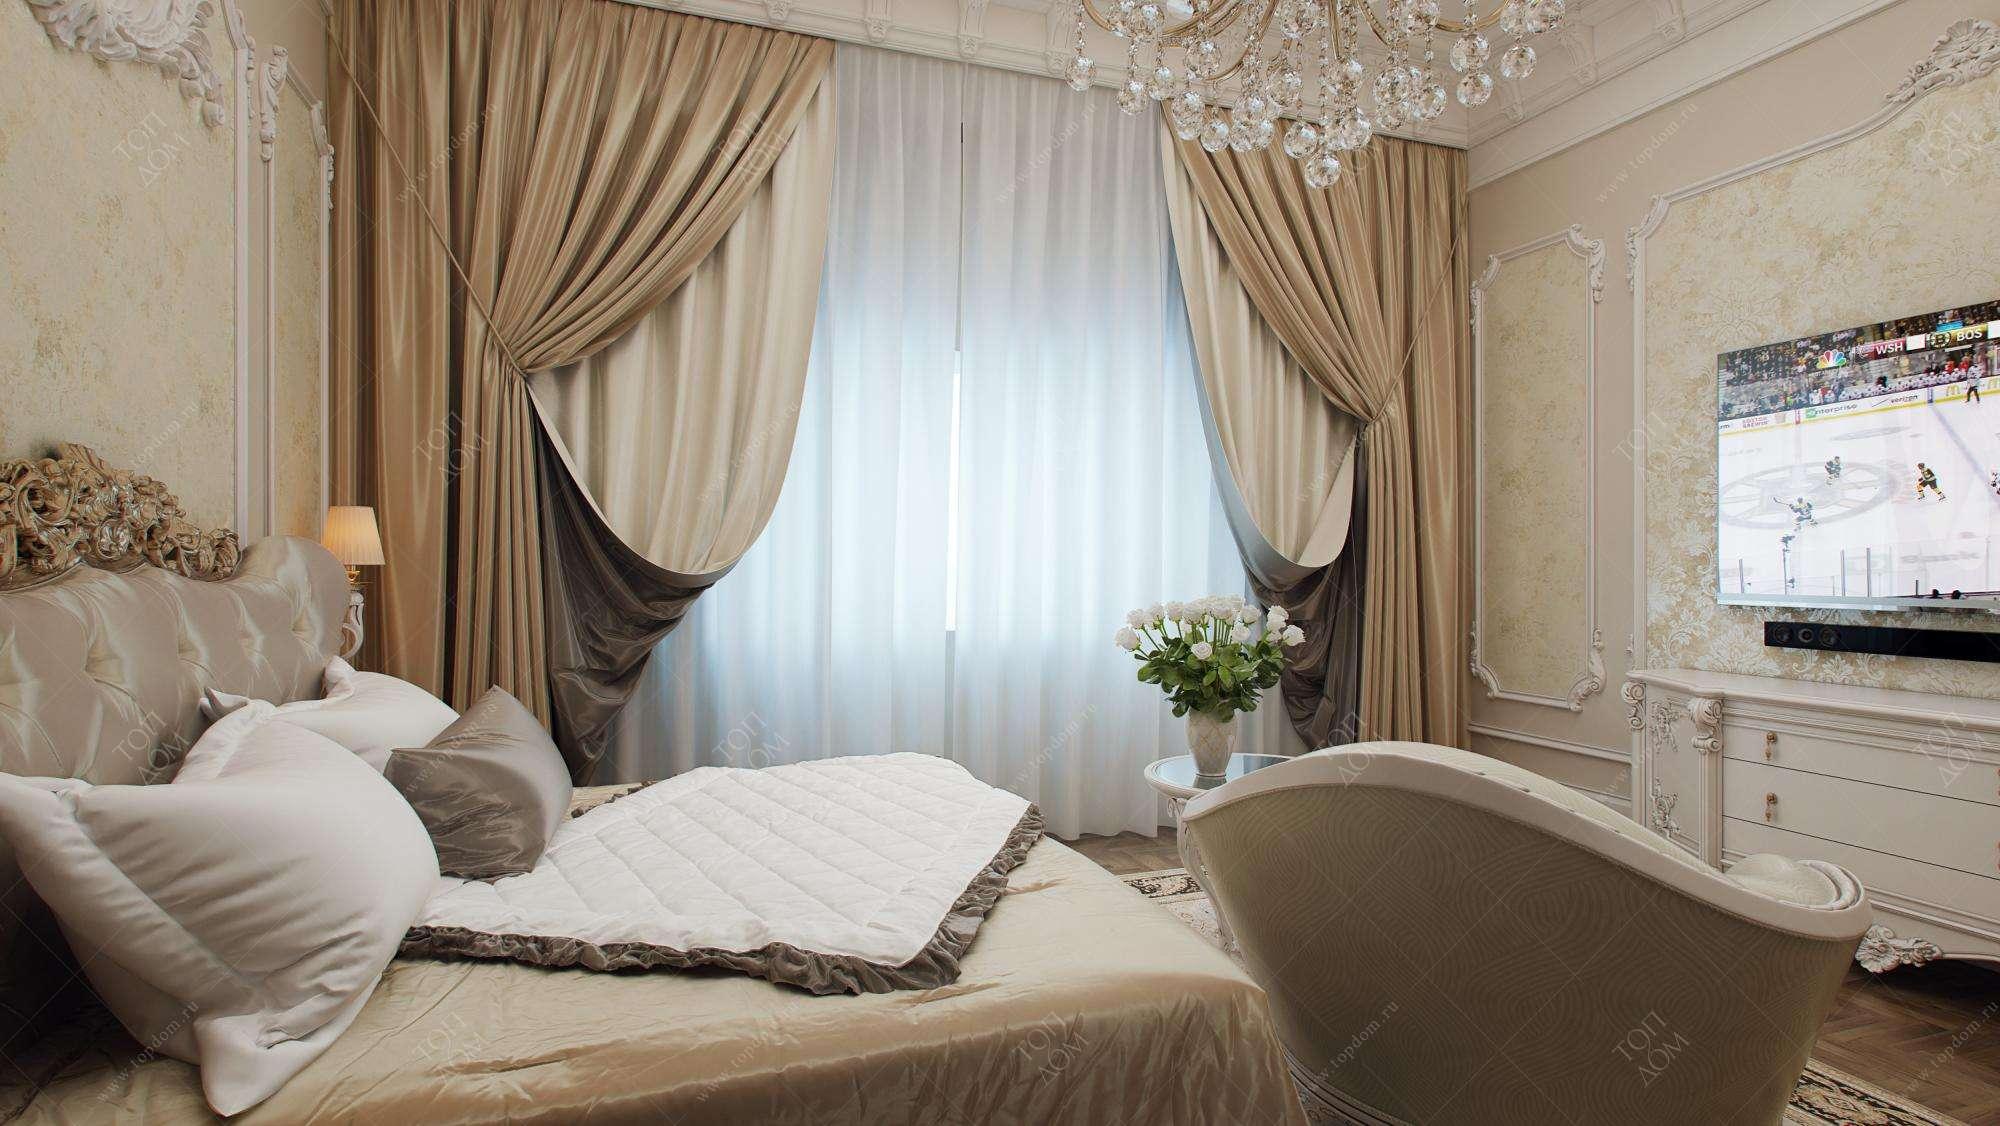 Дизайн интерьера спальни 2018 года Gt 670 фото и дизайн